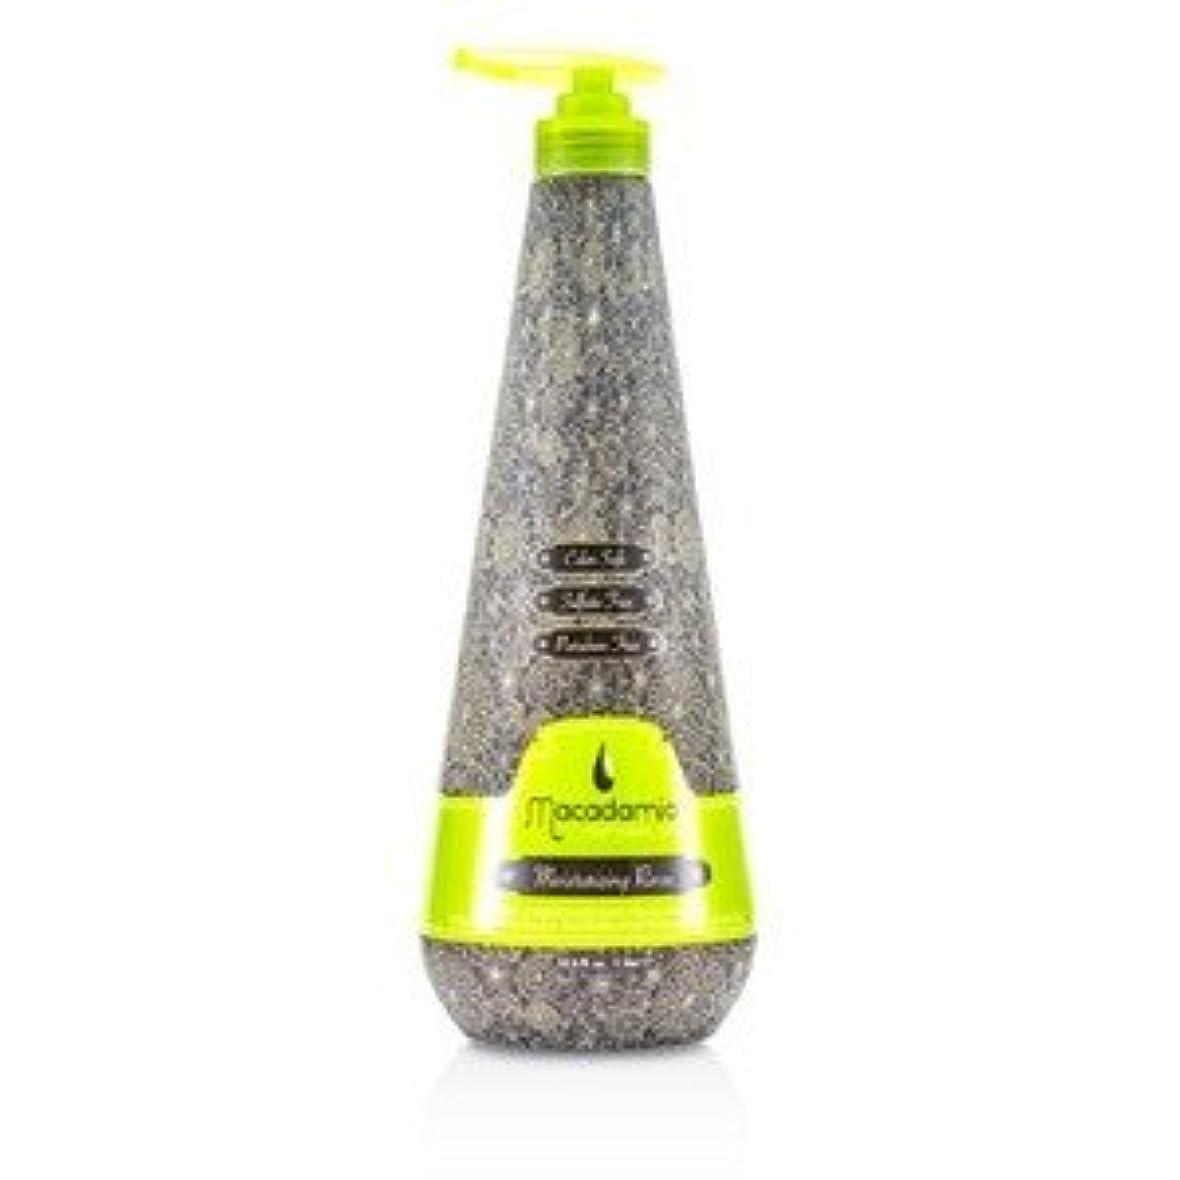 マカダミア ナチュラルオイル(Macadamia NATURAL OIL) モイスチャライジング リンス 1000ml/33.8oz [並行輸入品]